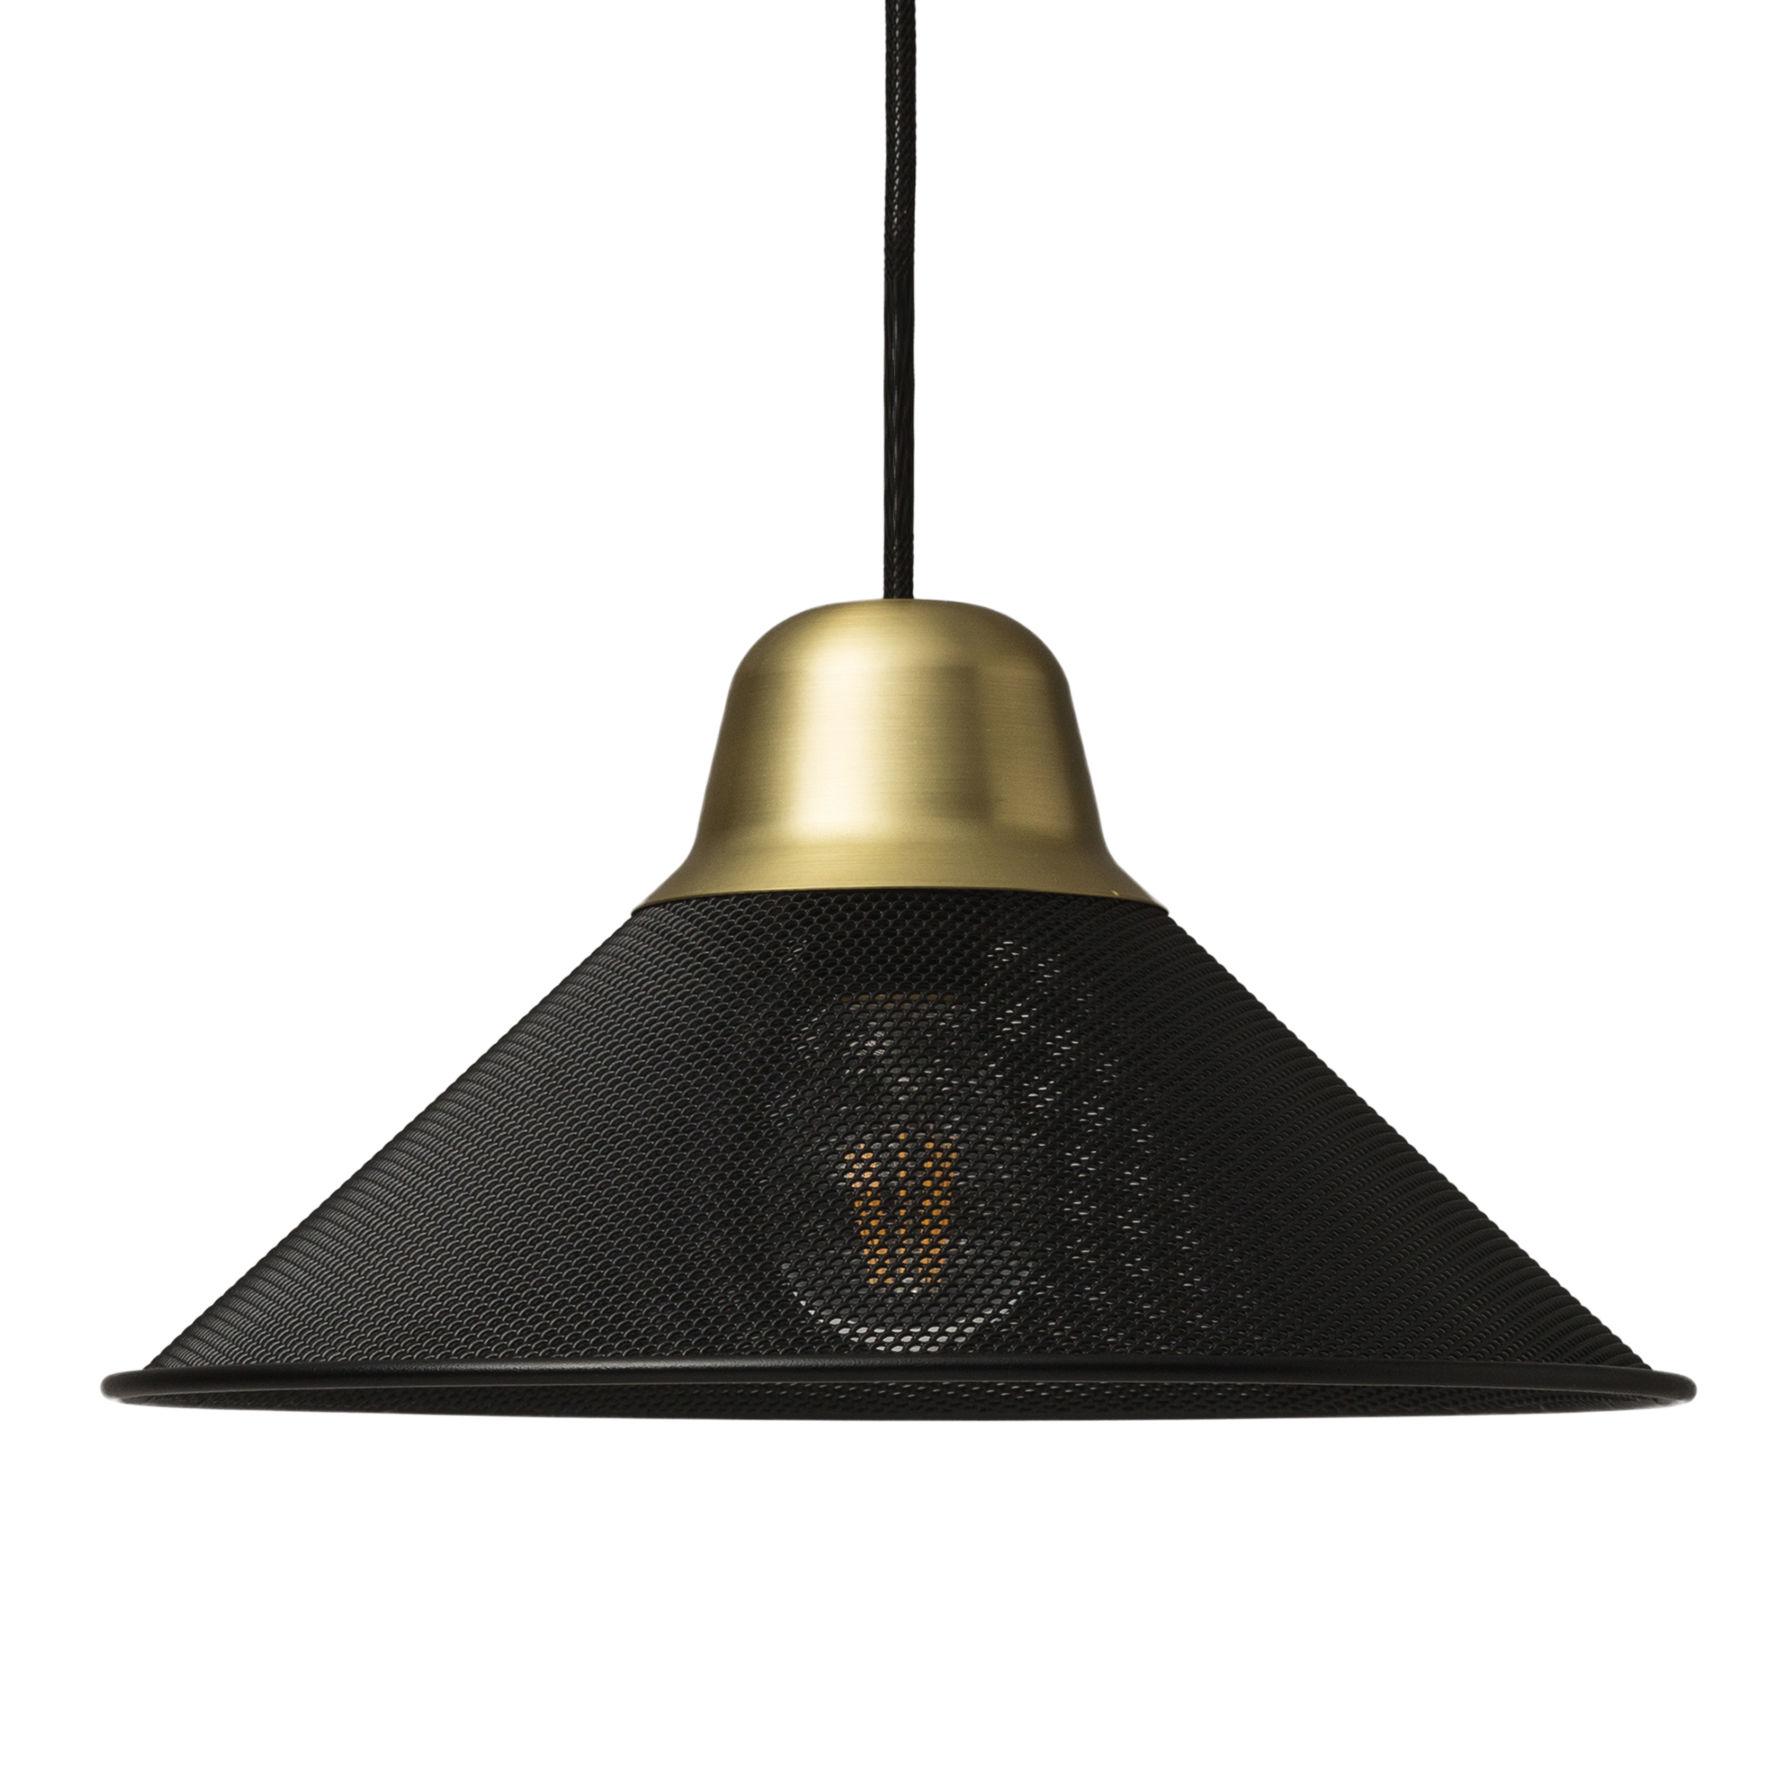 Luminaire - Suspensions - Suspension Aura Small / Métal - Ø 33 x H 17 cm - Petite Friture - Noir / Laiton - Acier peint époxy, Laiton brossé